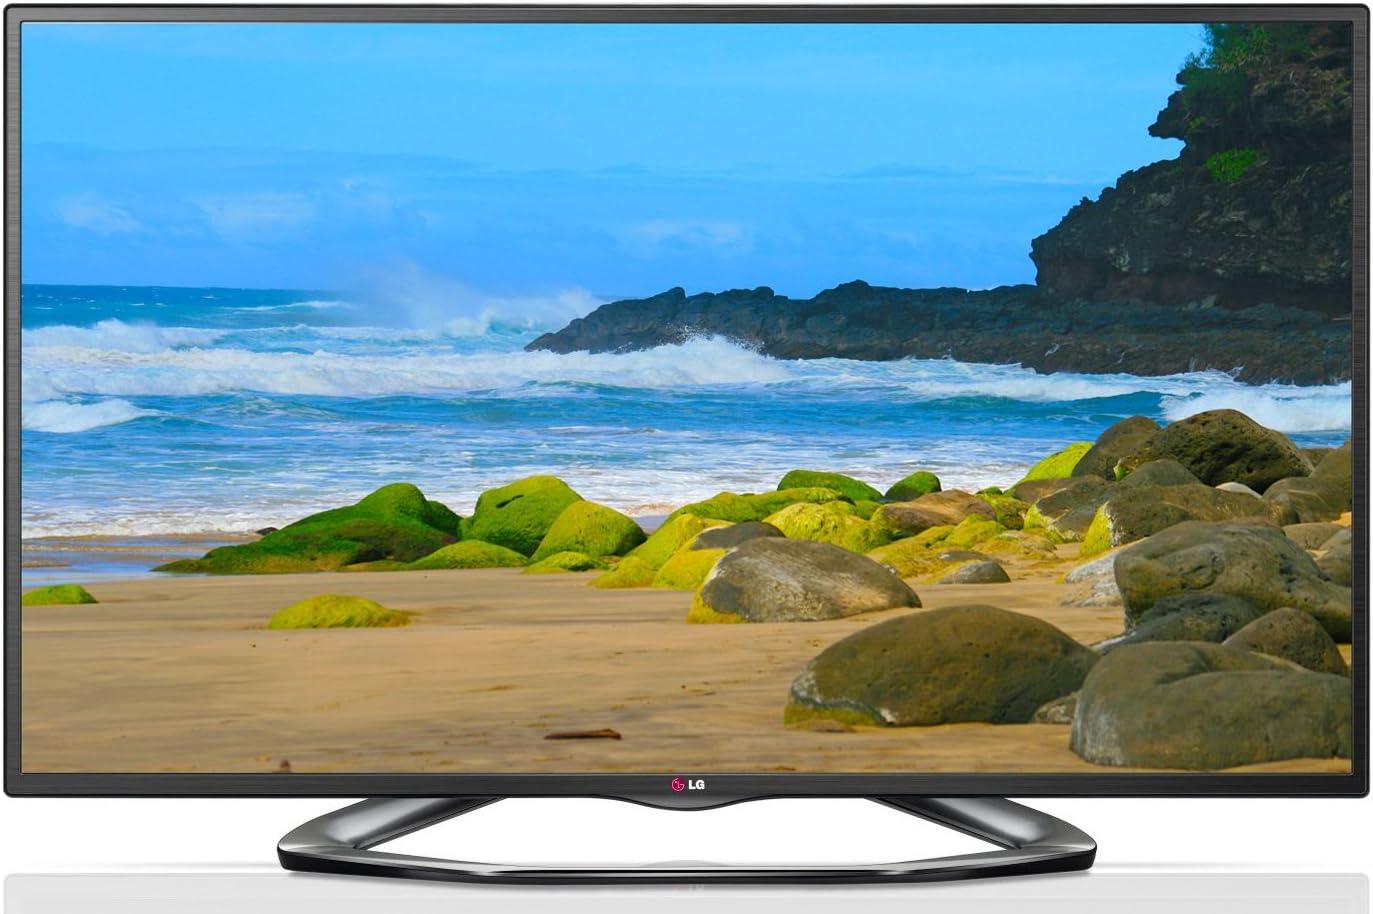 LG 42LA6200 LED TV - Televisor (106,43 cm (41.9